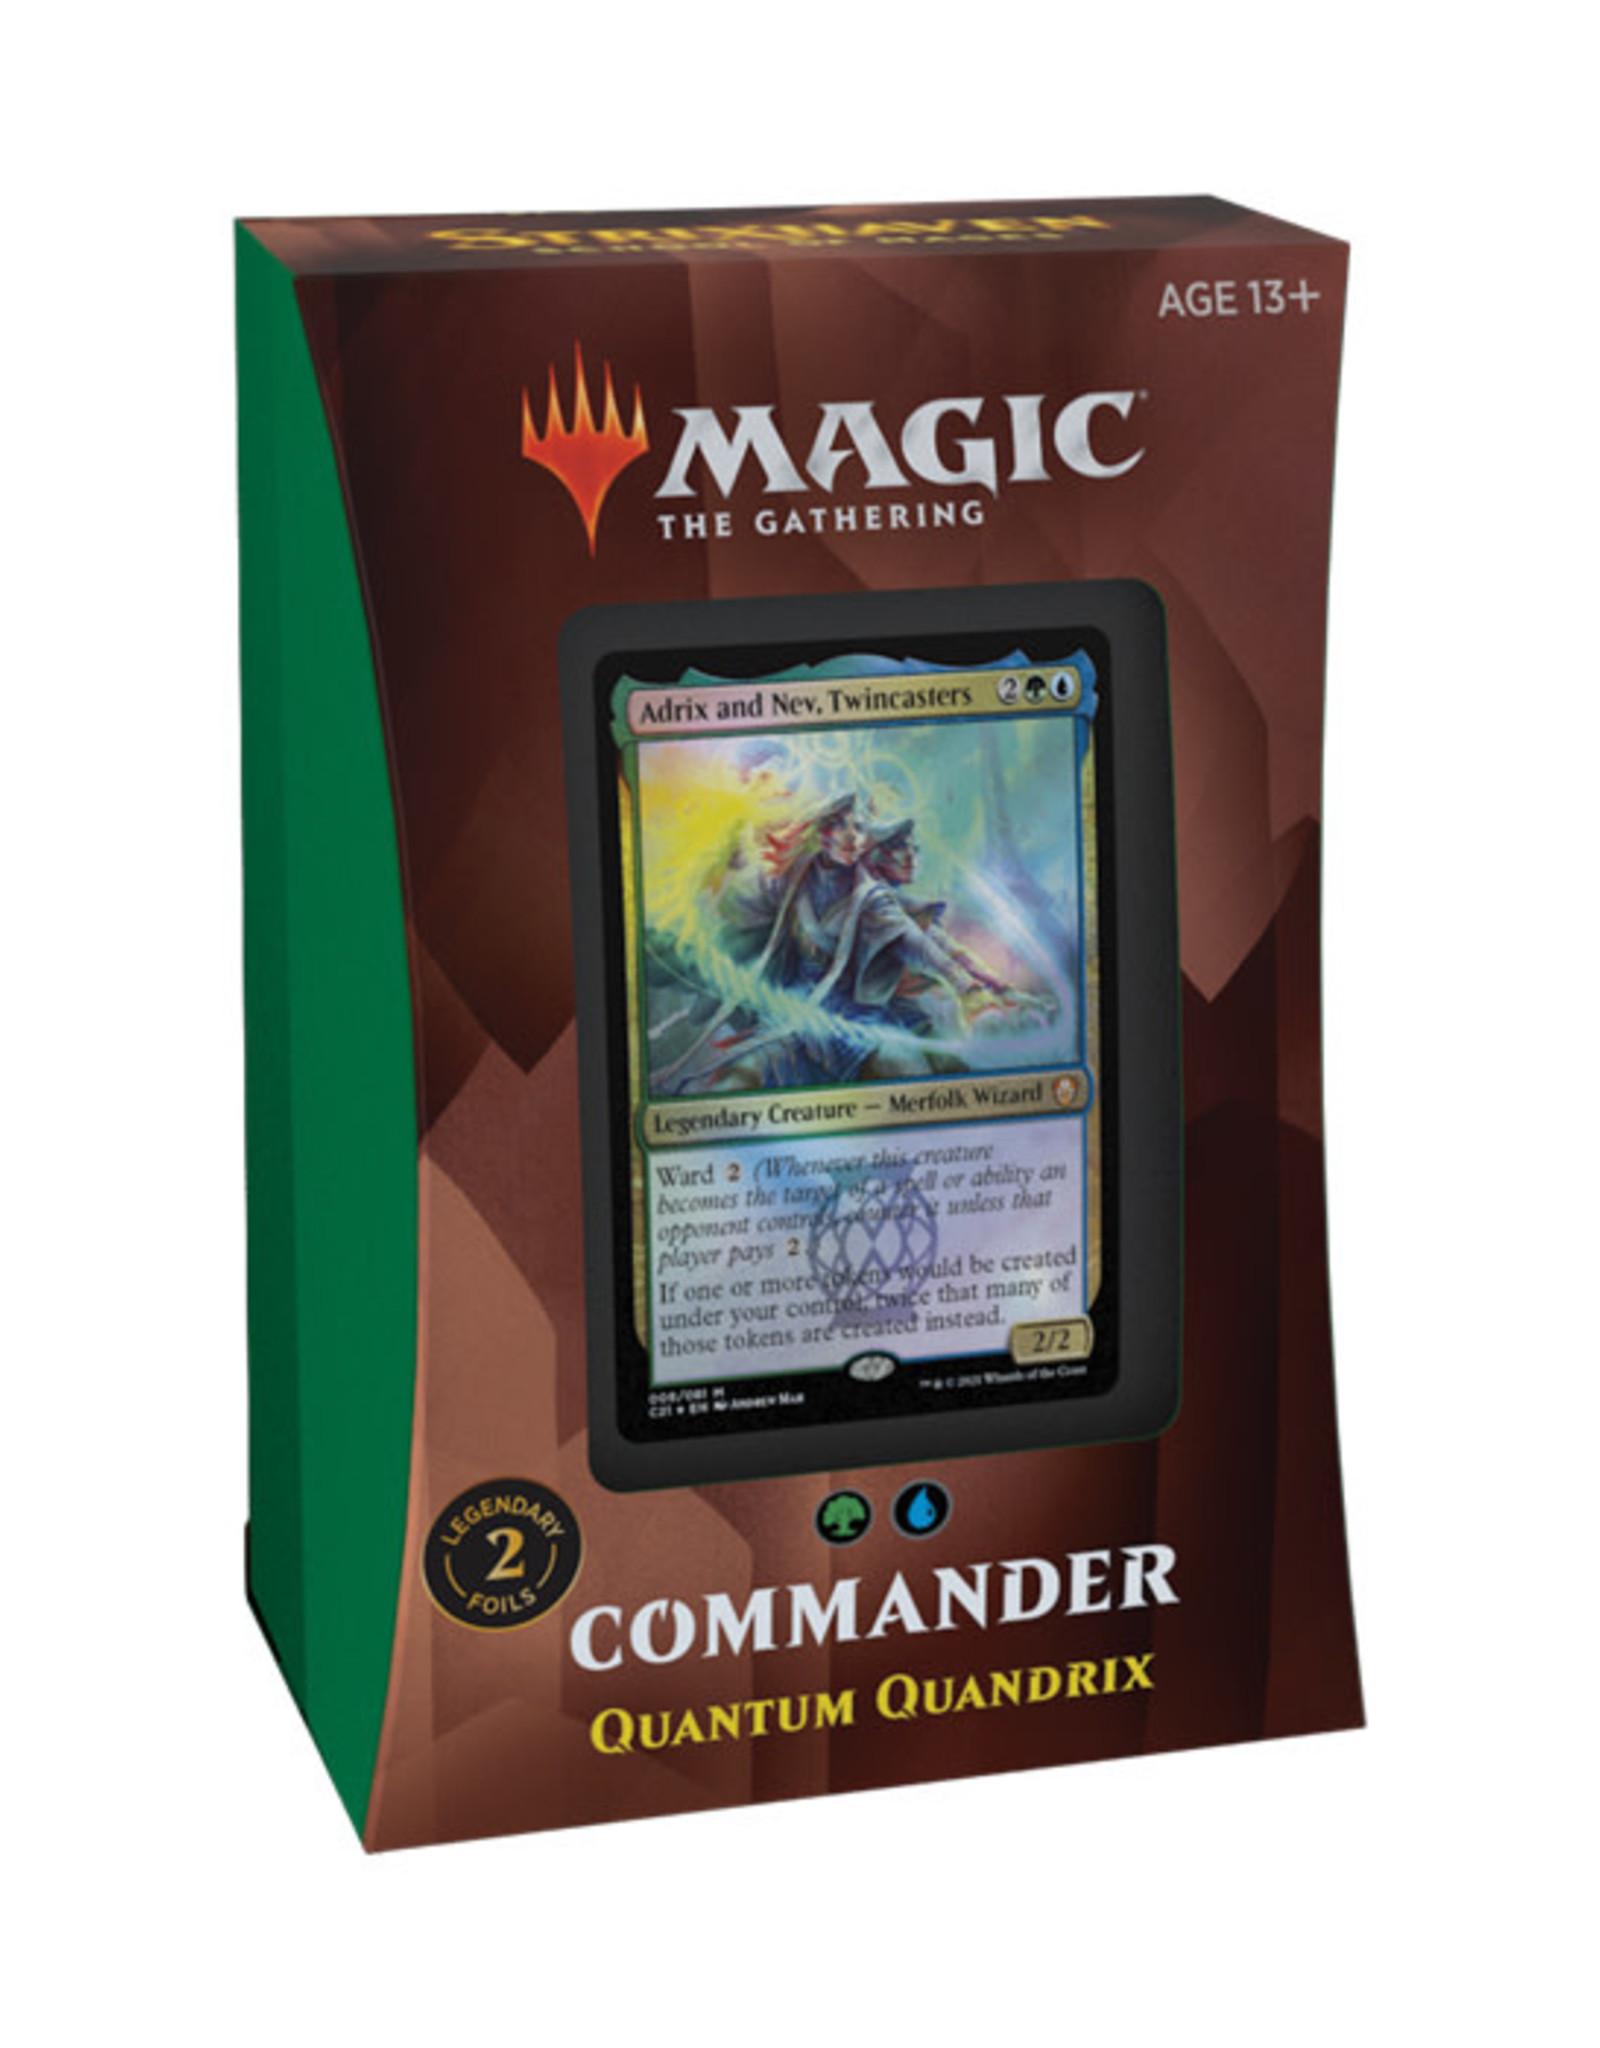 Magic: The Gathering Magic: The Gathering - Strixhaven - Commander Deck - Quantum Quandrix